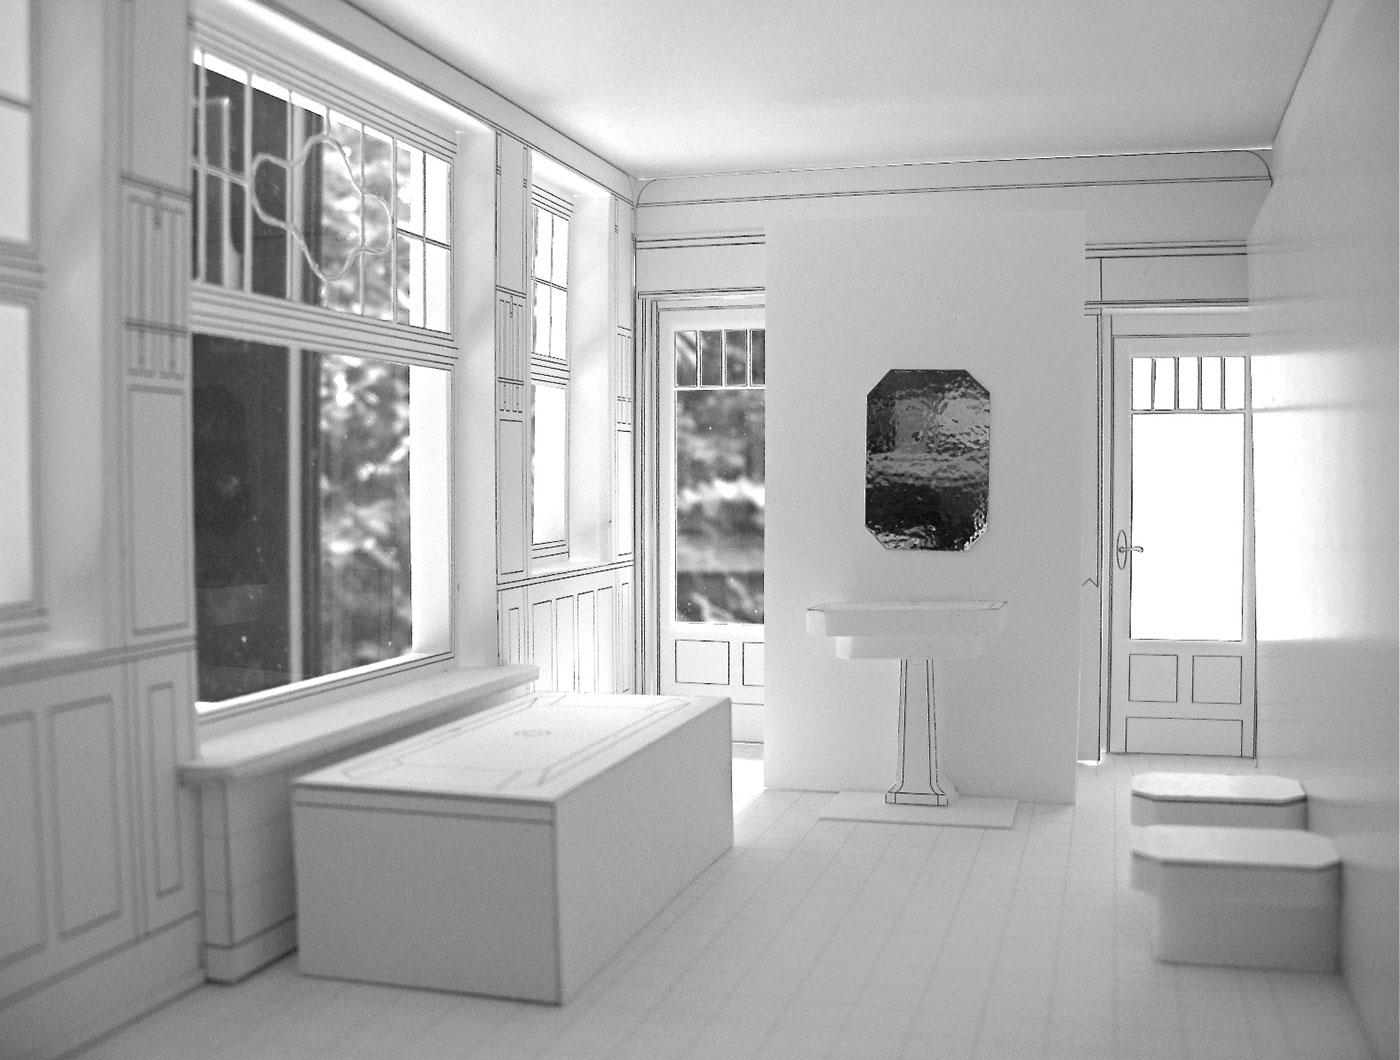 Duravit Fotoaktion 21, Radolfzell – Schmutz + Partner, Freie ...